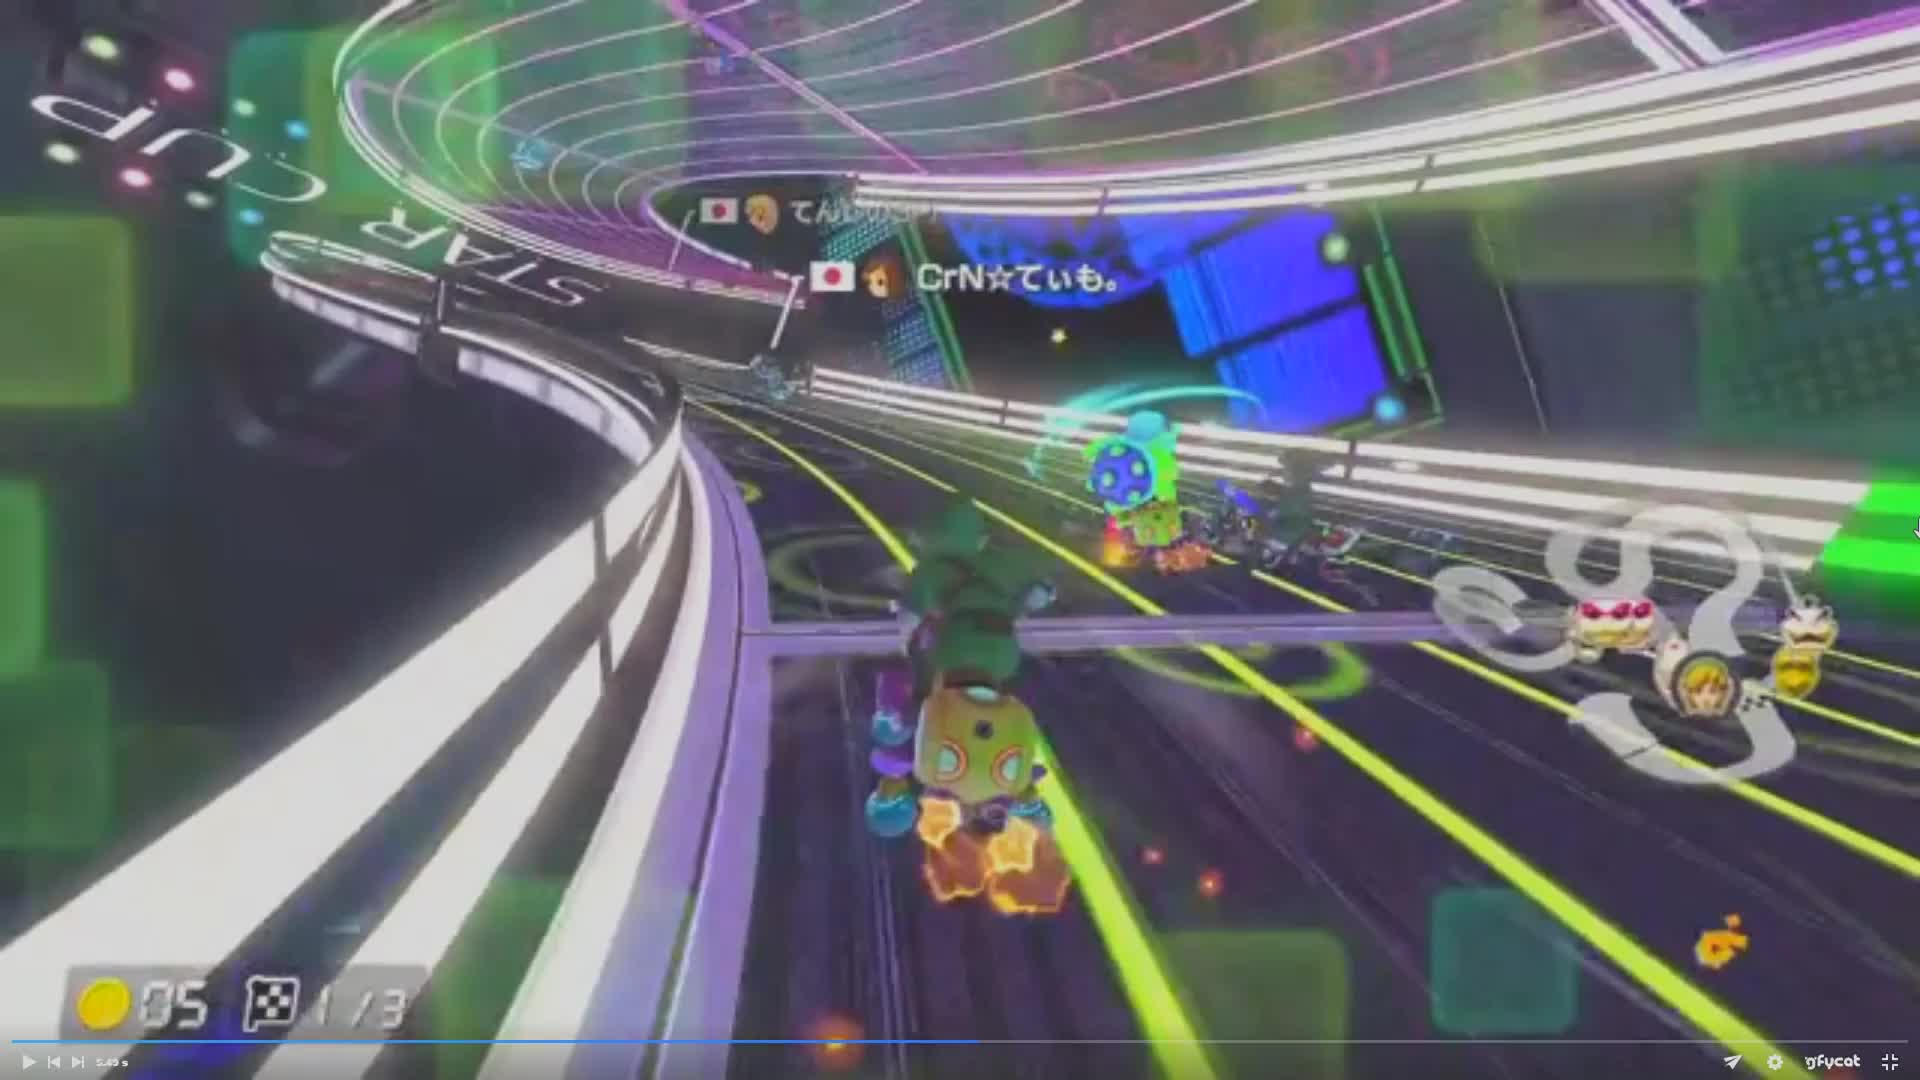 rocketleague, SlowMo - Green shell GIFs